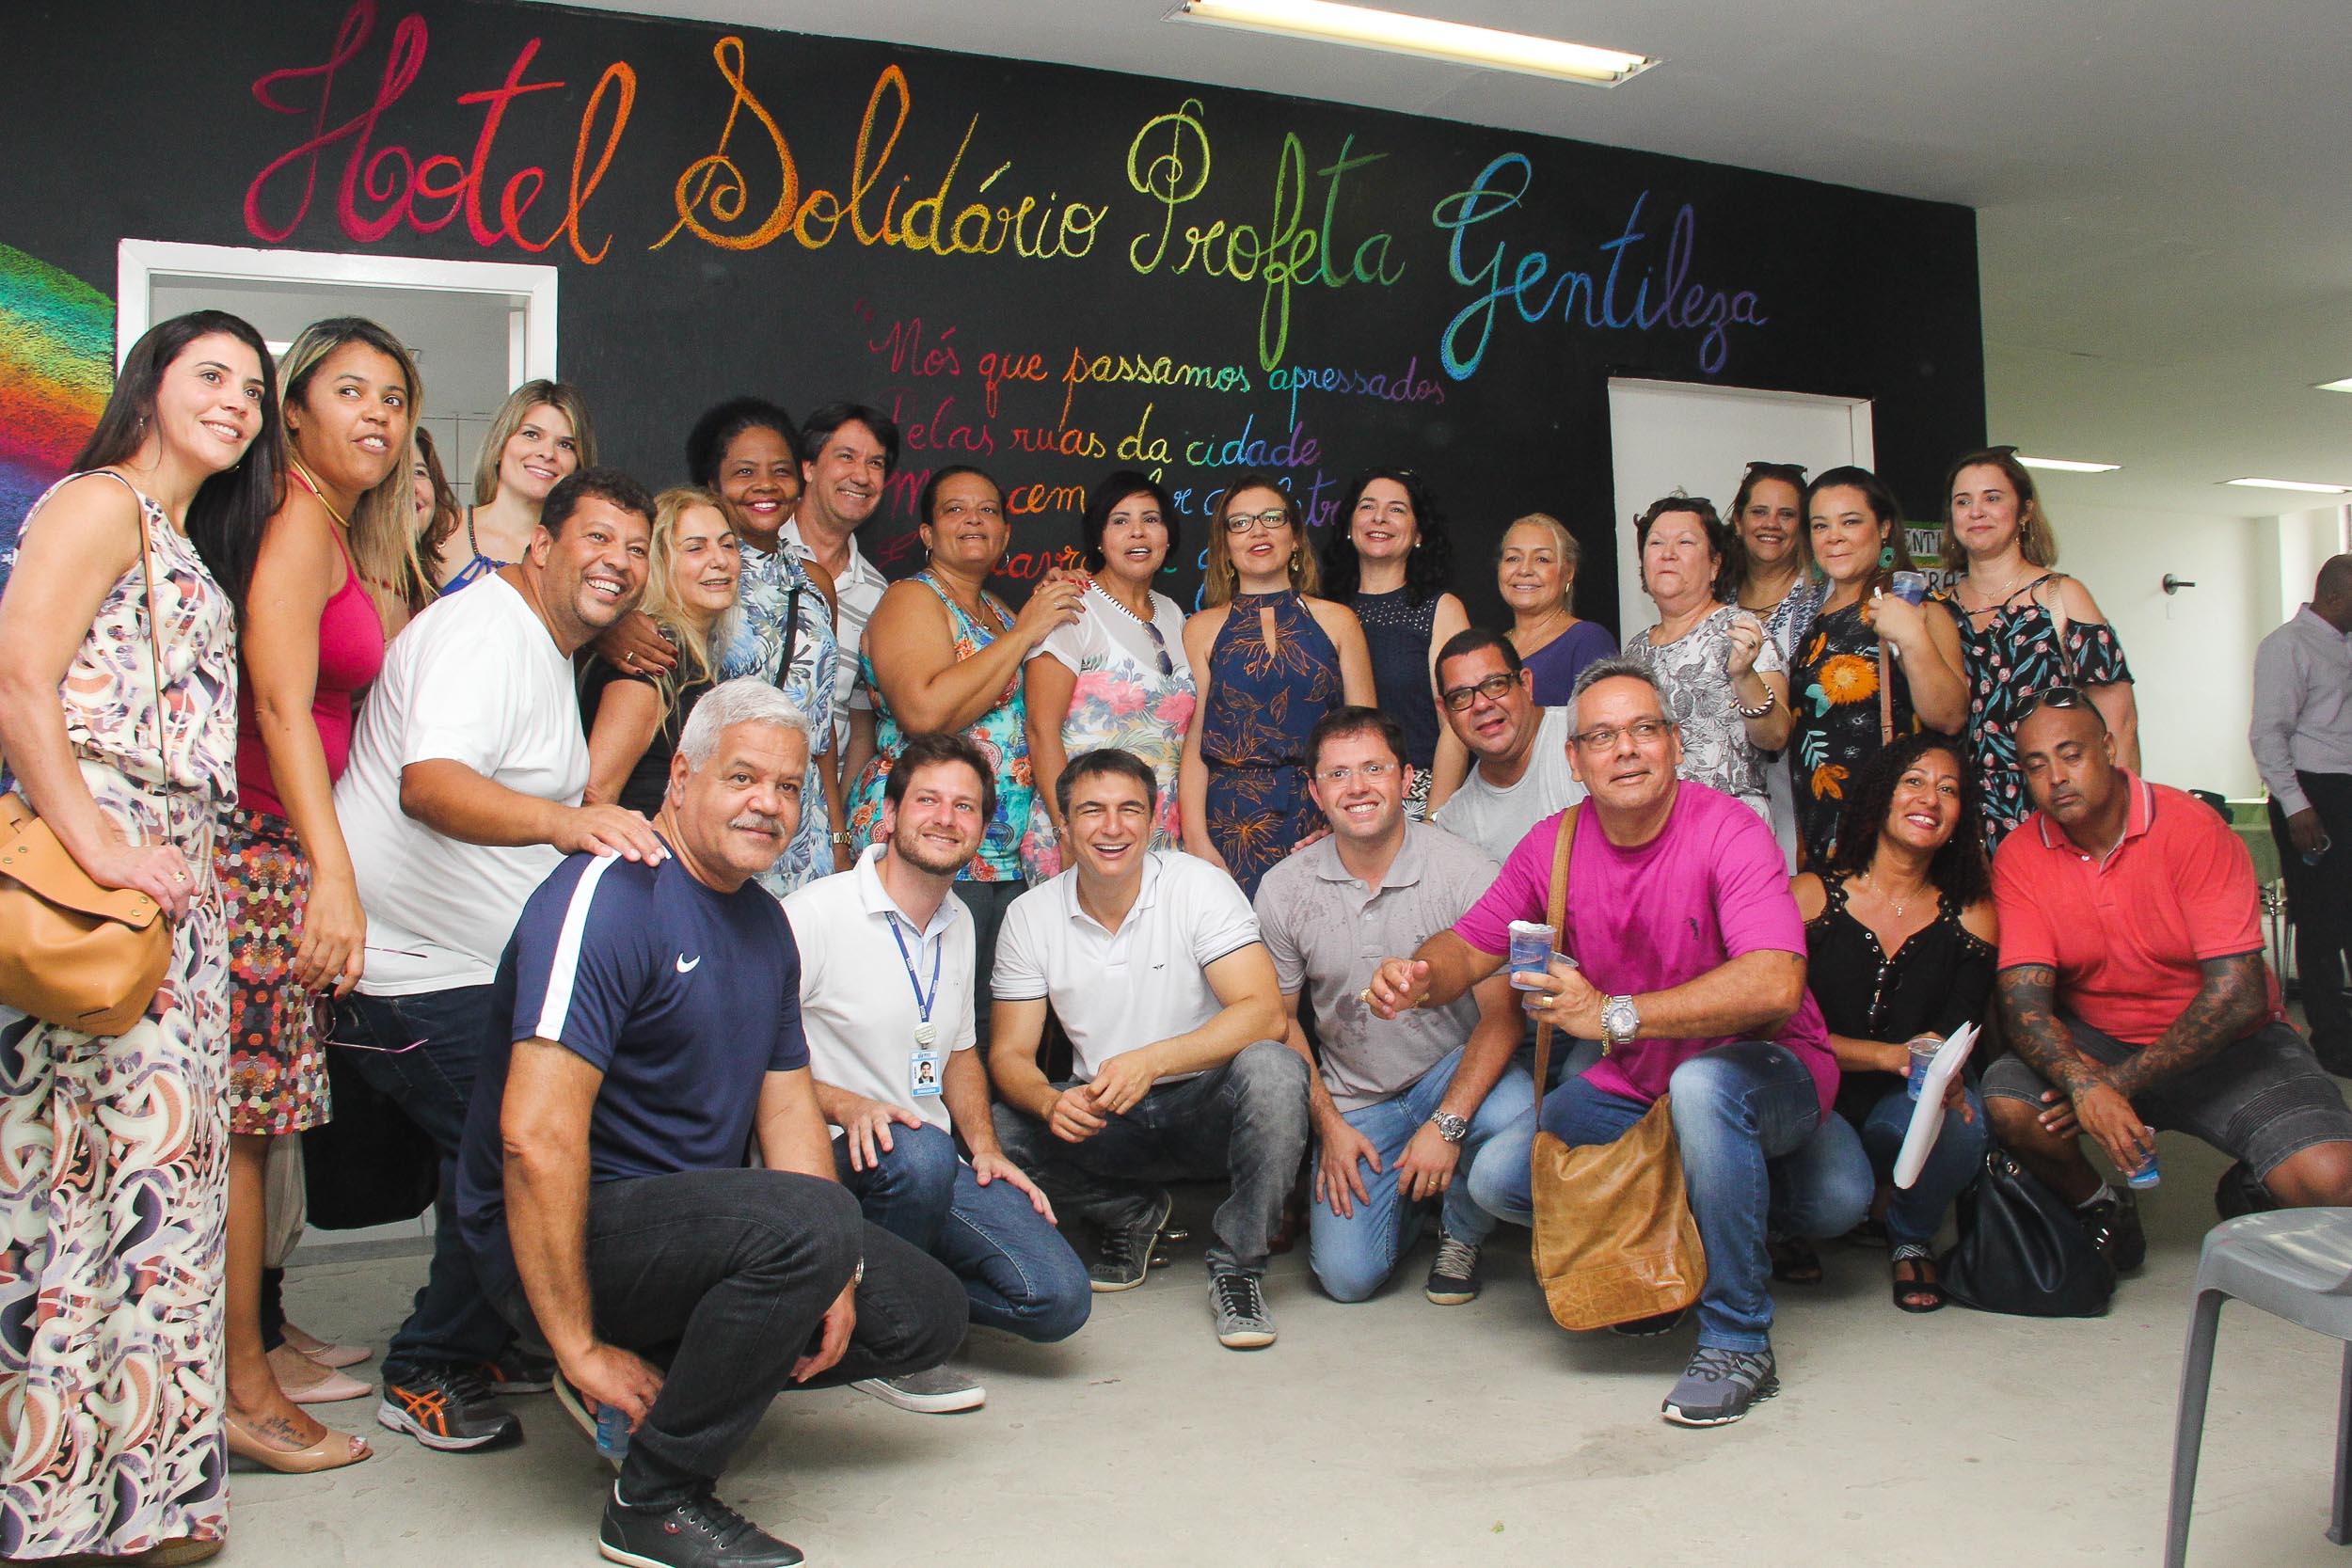 Resultado de imagen para Hotel Solidario Profeta Gentileza